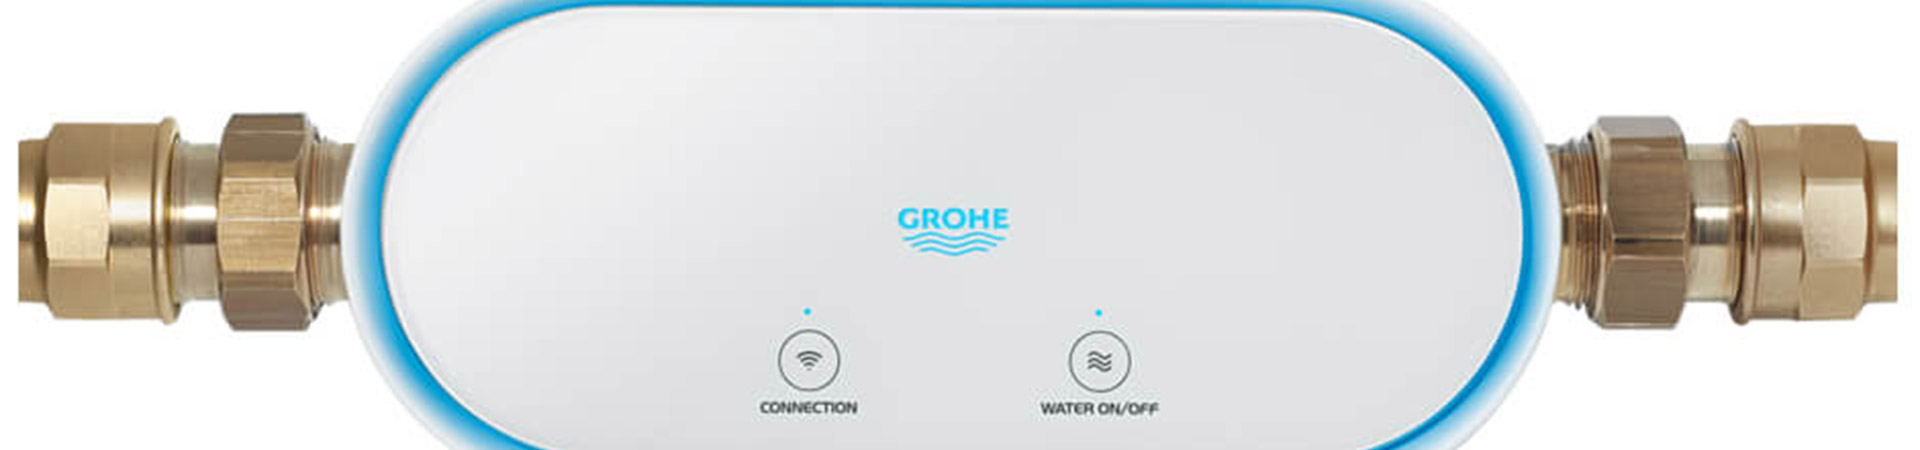 Grohe Sense Guard: der perfekte Schutz vor Wasserschäden